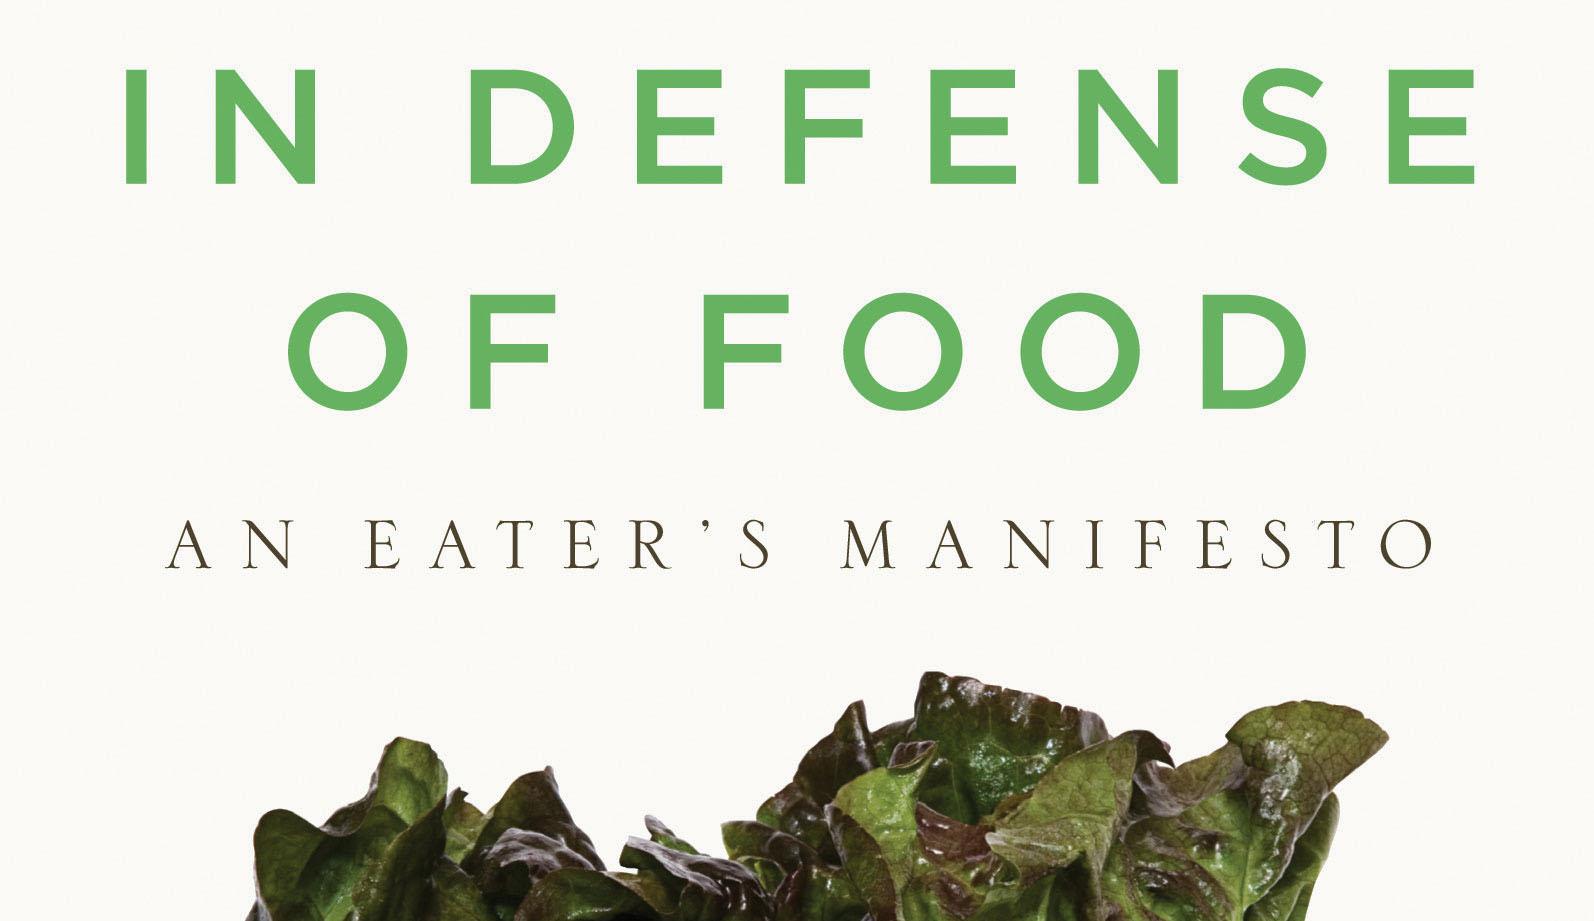 In-Defense-of-Food-FI.jpg